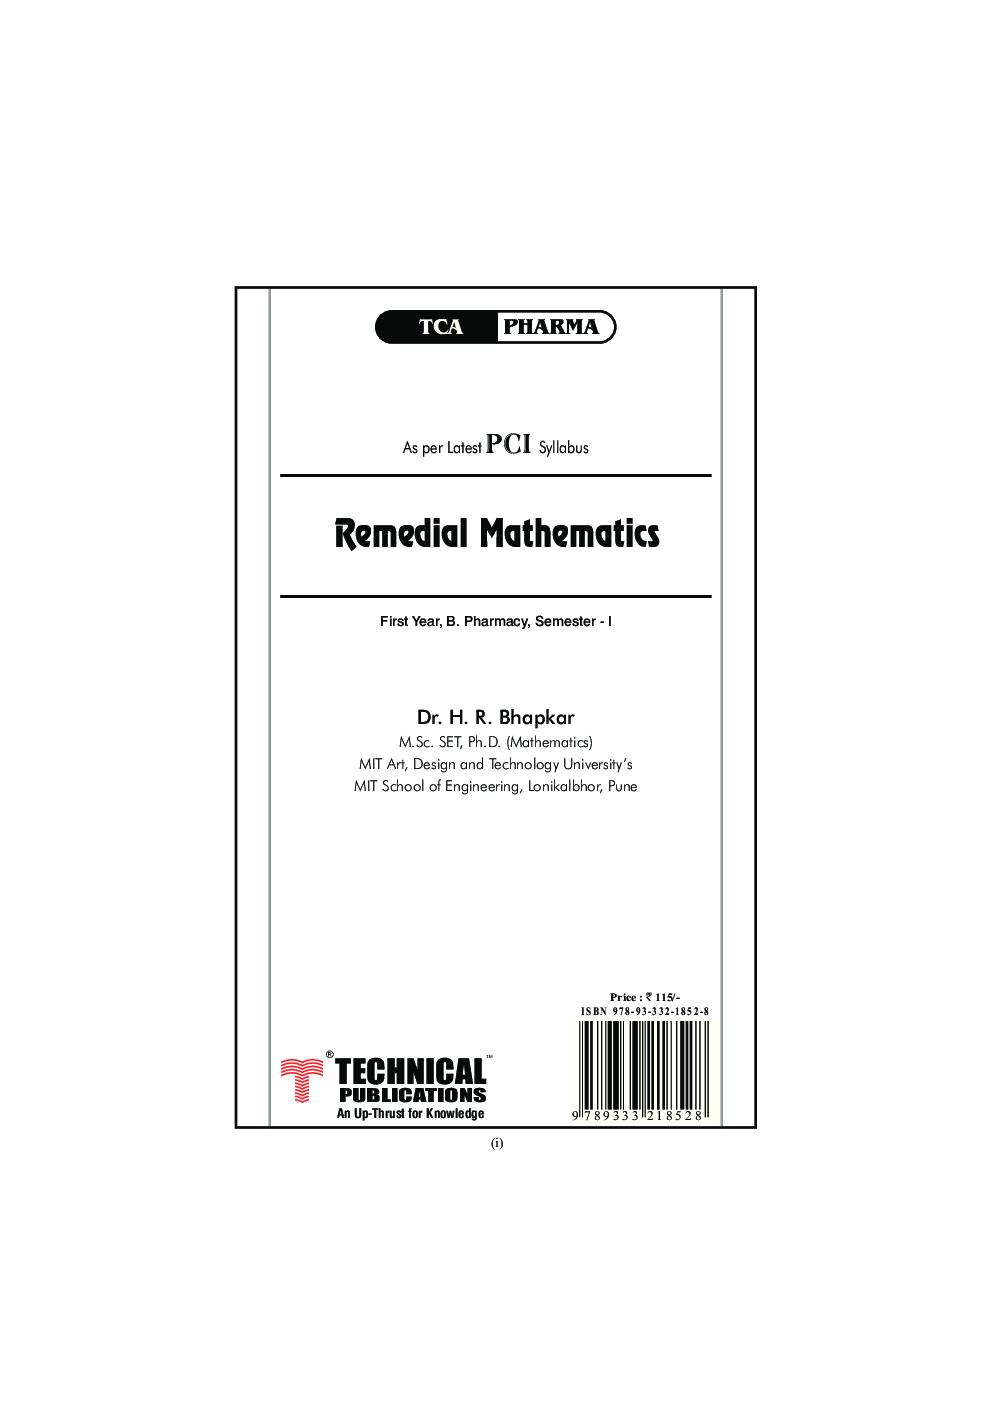 Remedial Mathematics - Page 2